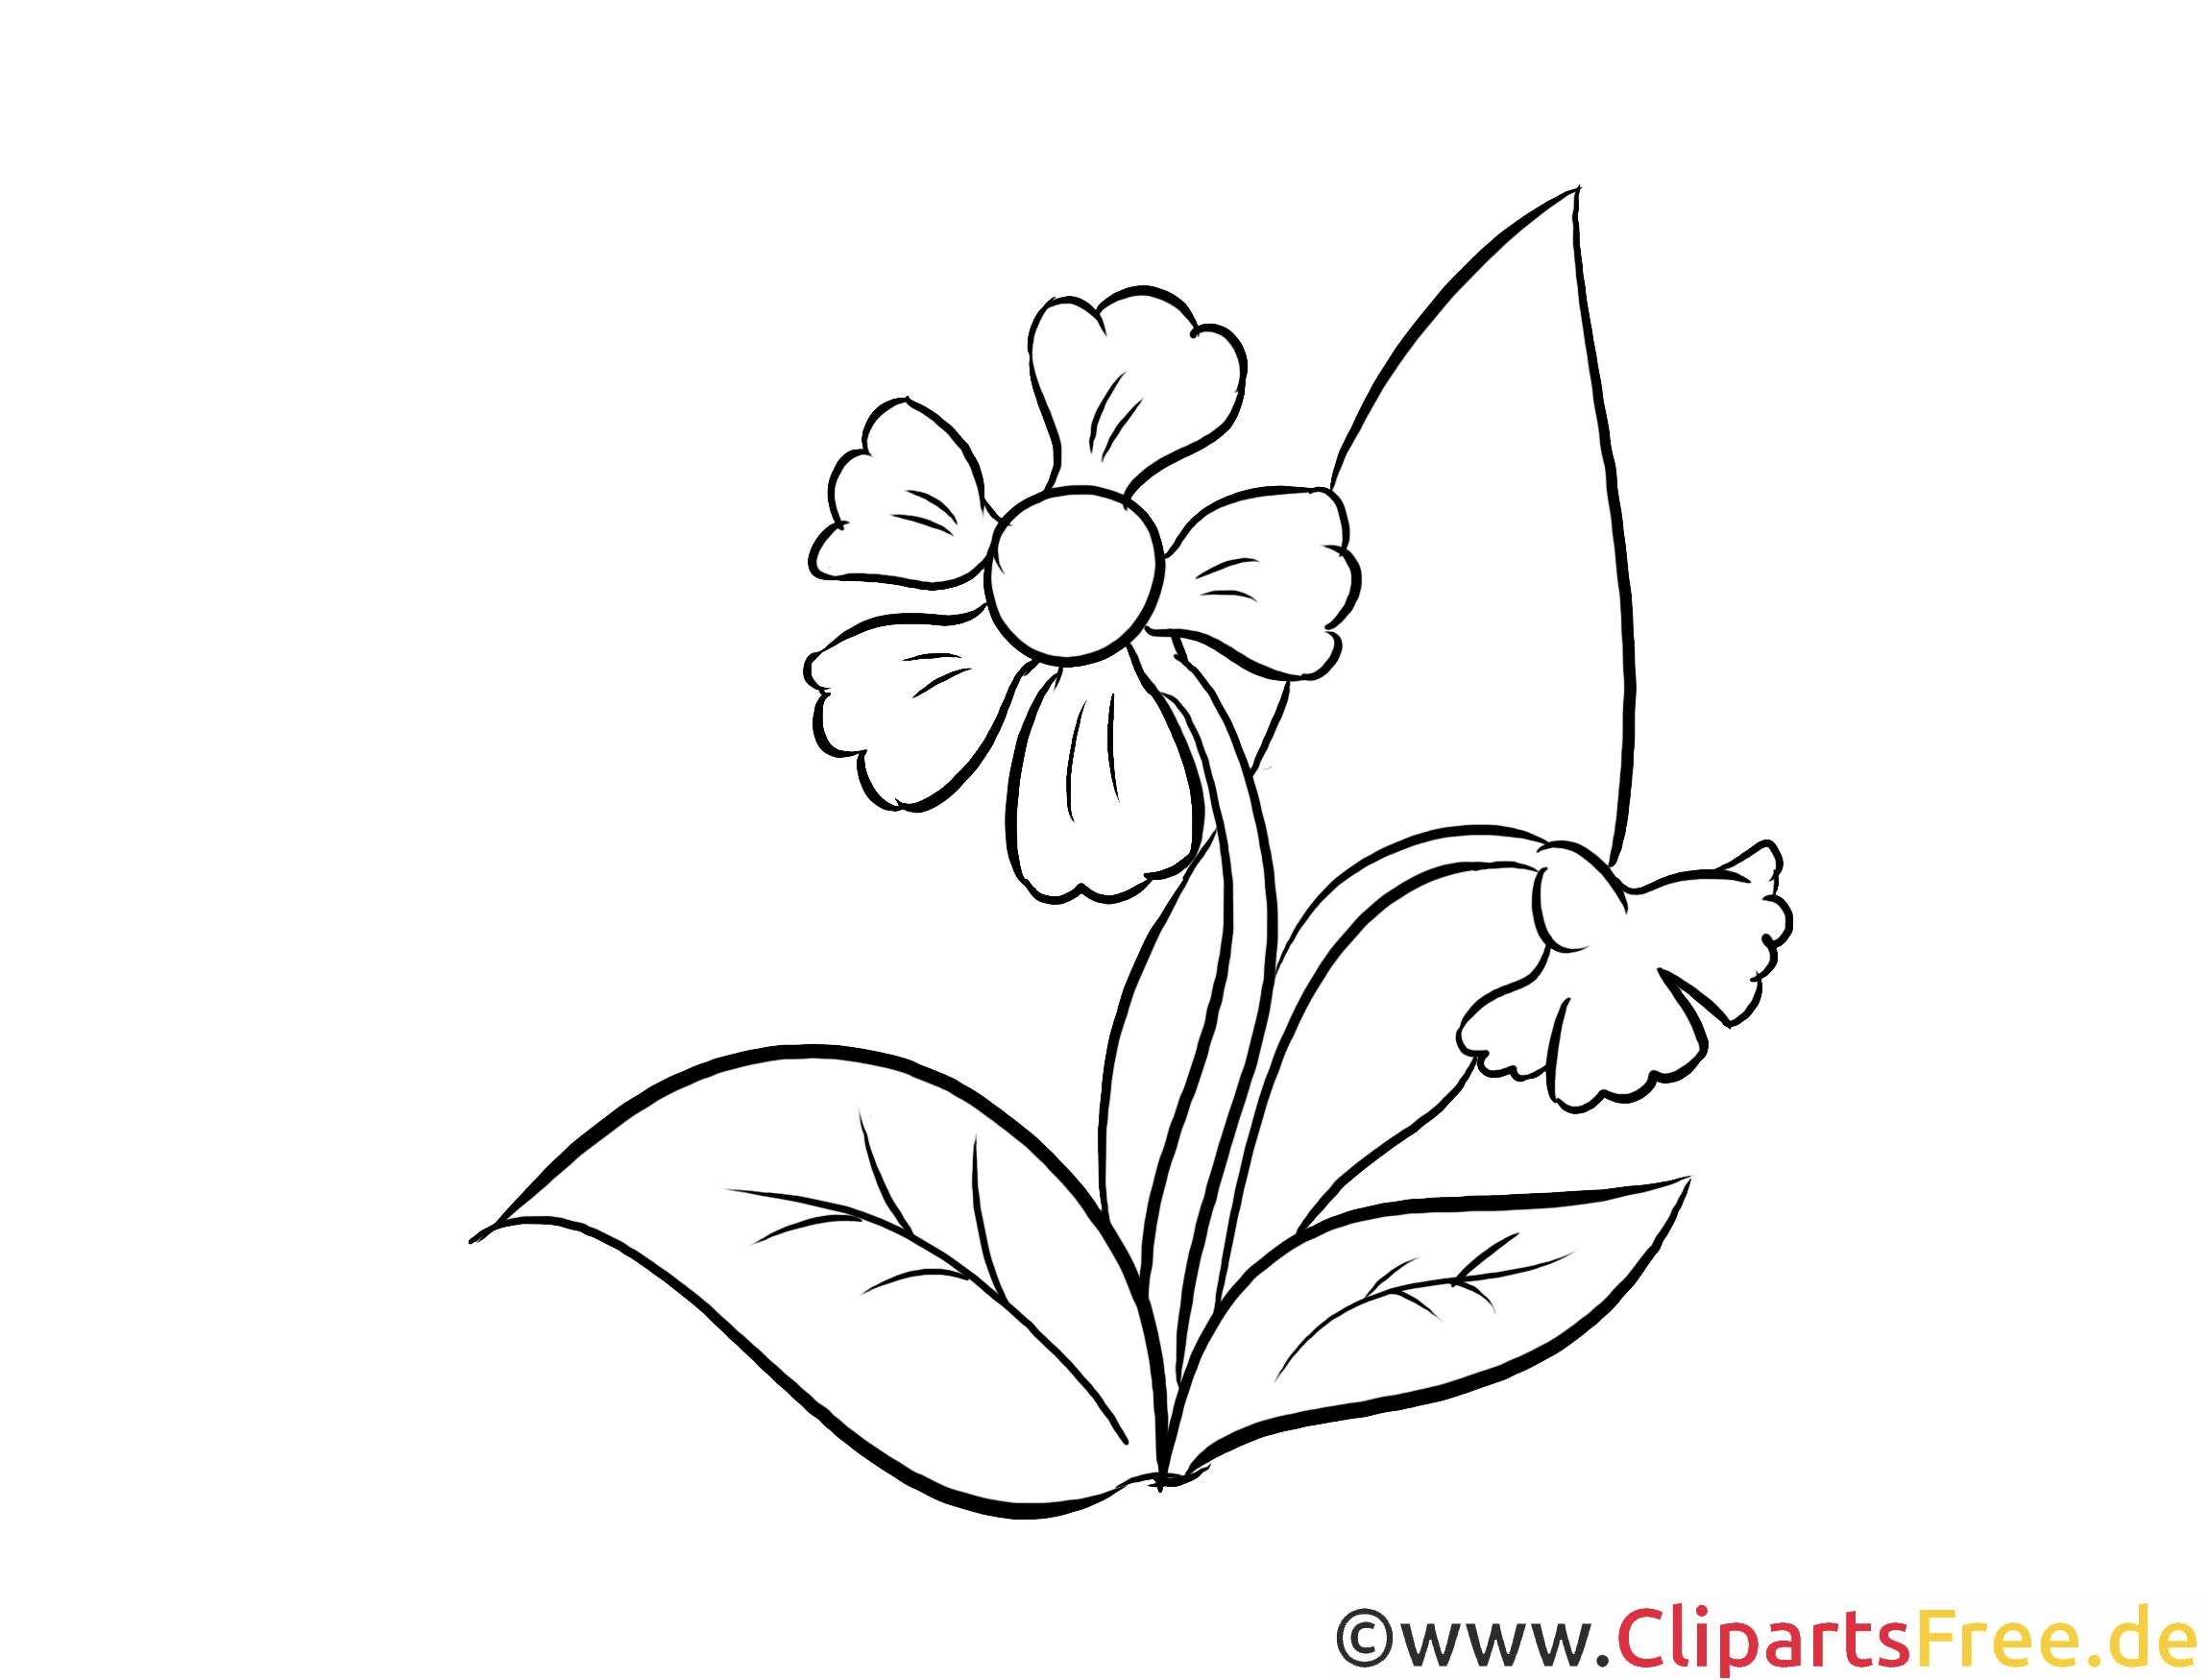 Blume Holz Vorlage zum Aussägen